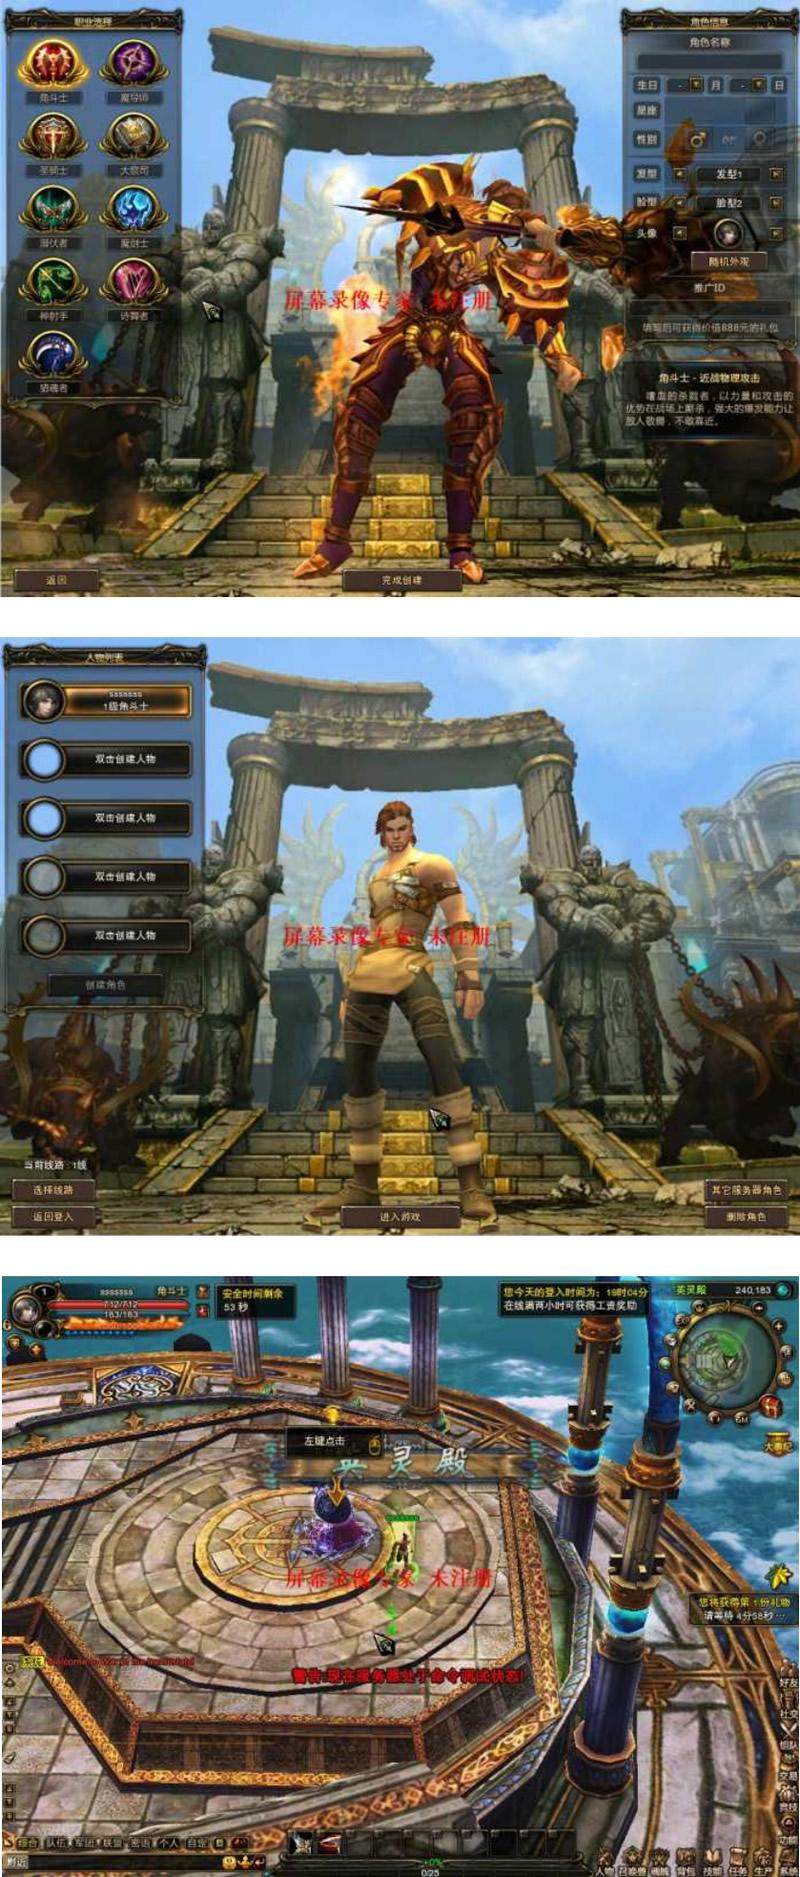 神鬼世界网游单机一键安装即玩游戏服务端双镜像优化版-爱资源分享